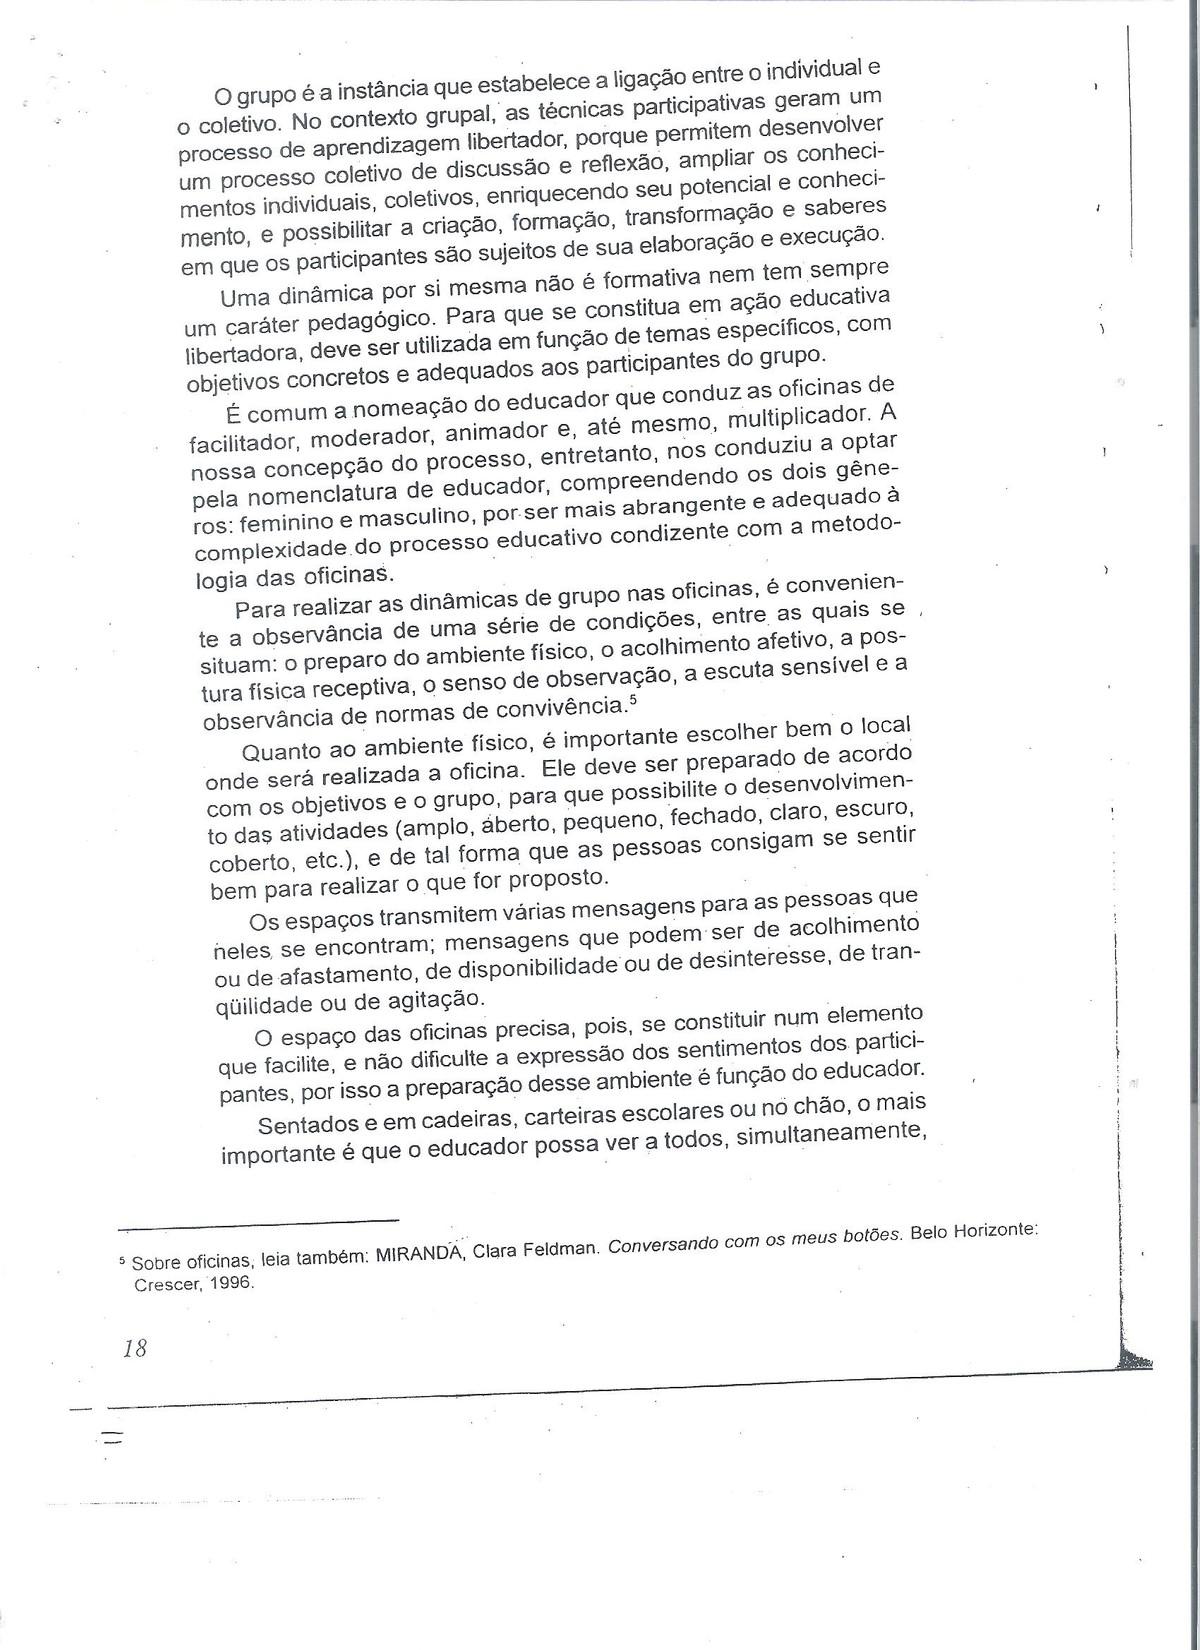 Pre-visualização do material 002 - página 1